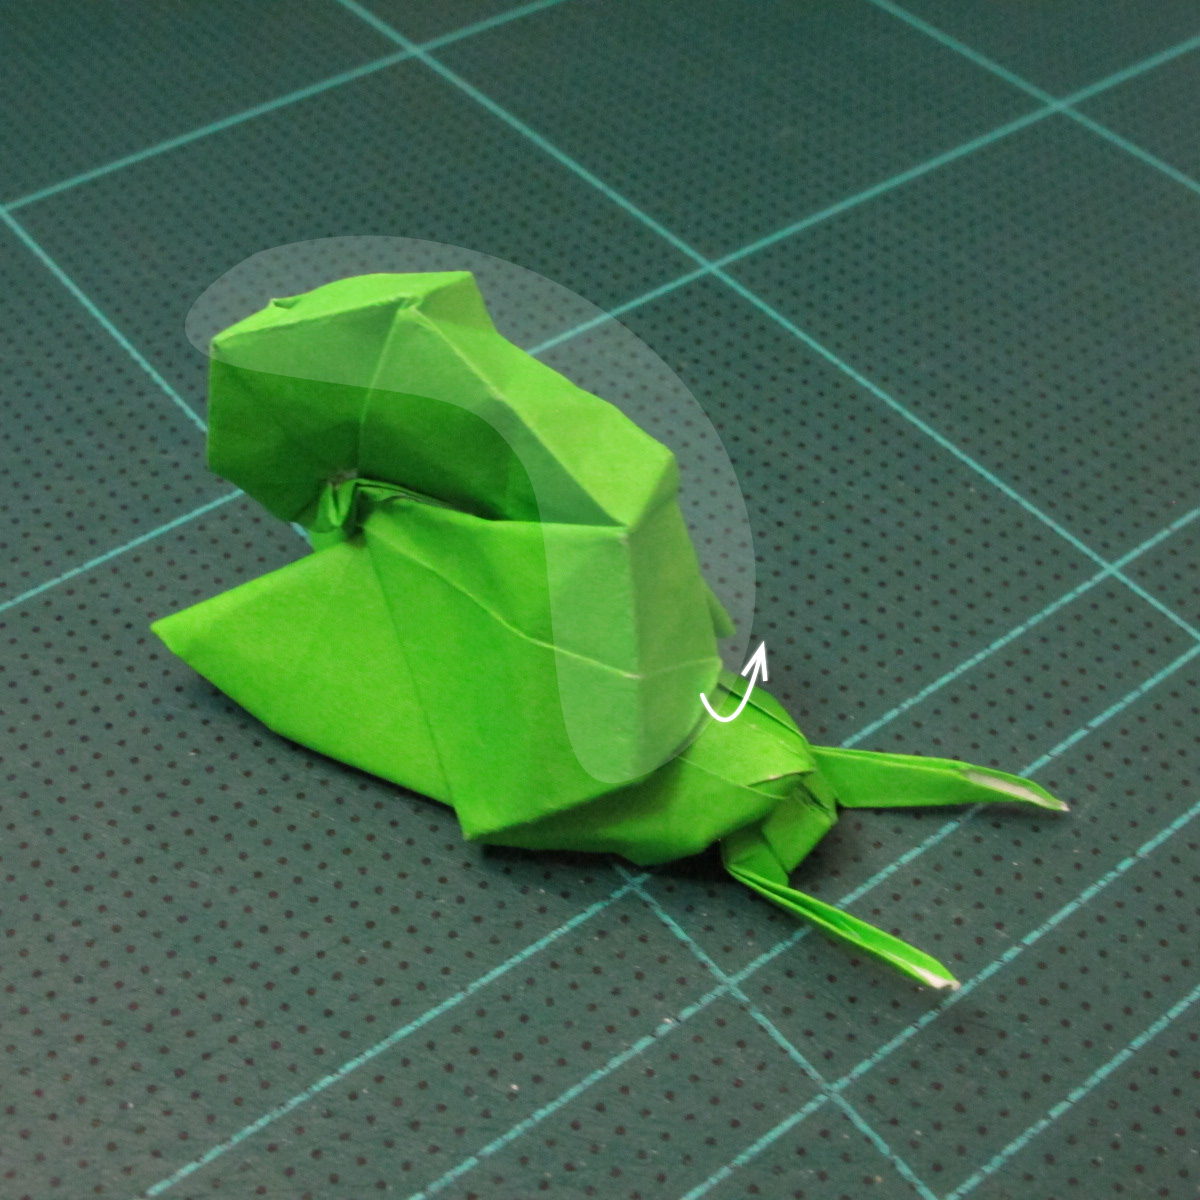 วิธีพับกระดาษเป็นรูปหอยทาก (origami Snail) 030